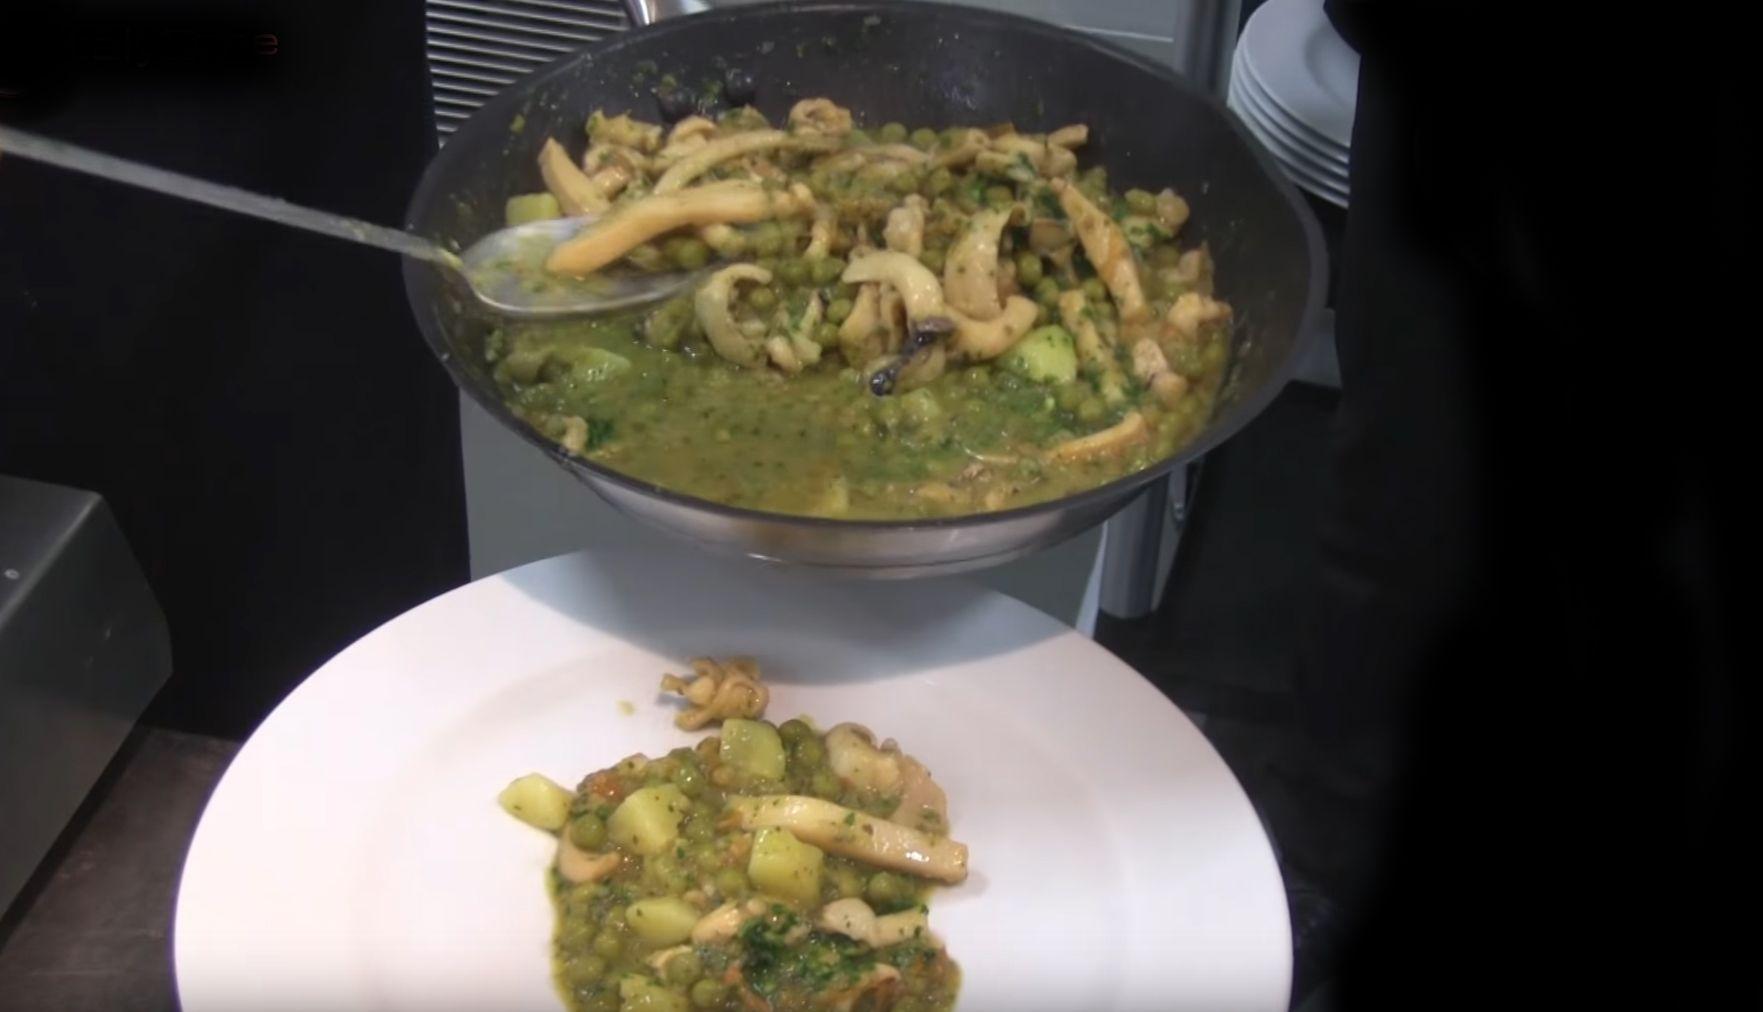 La buridda di seppie è un piatto tradizionale della cucina ligure molto saporito a base di seppie, piselli e pomodoro